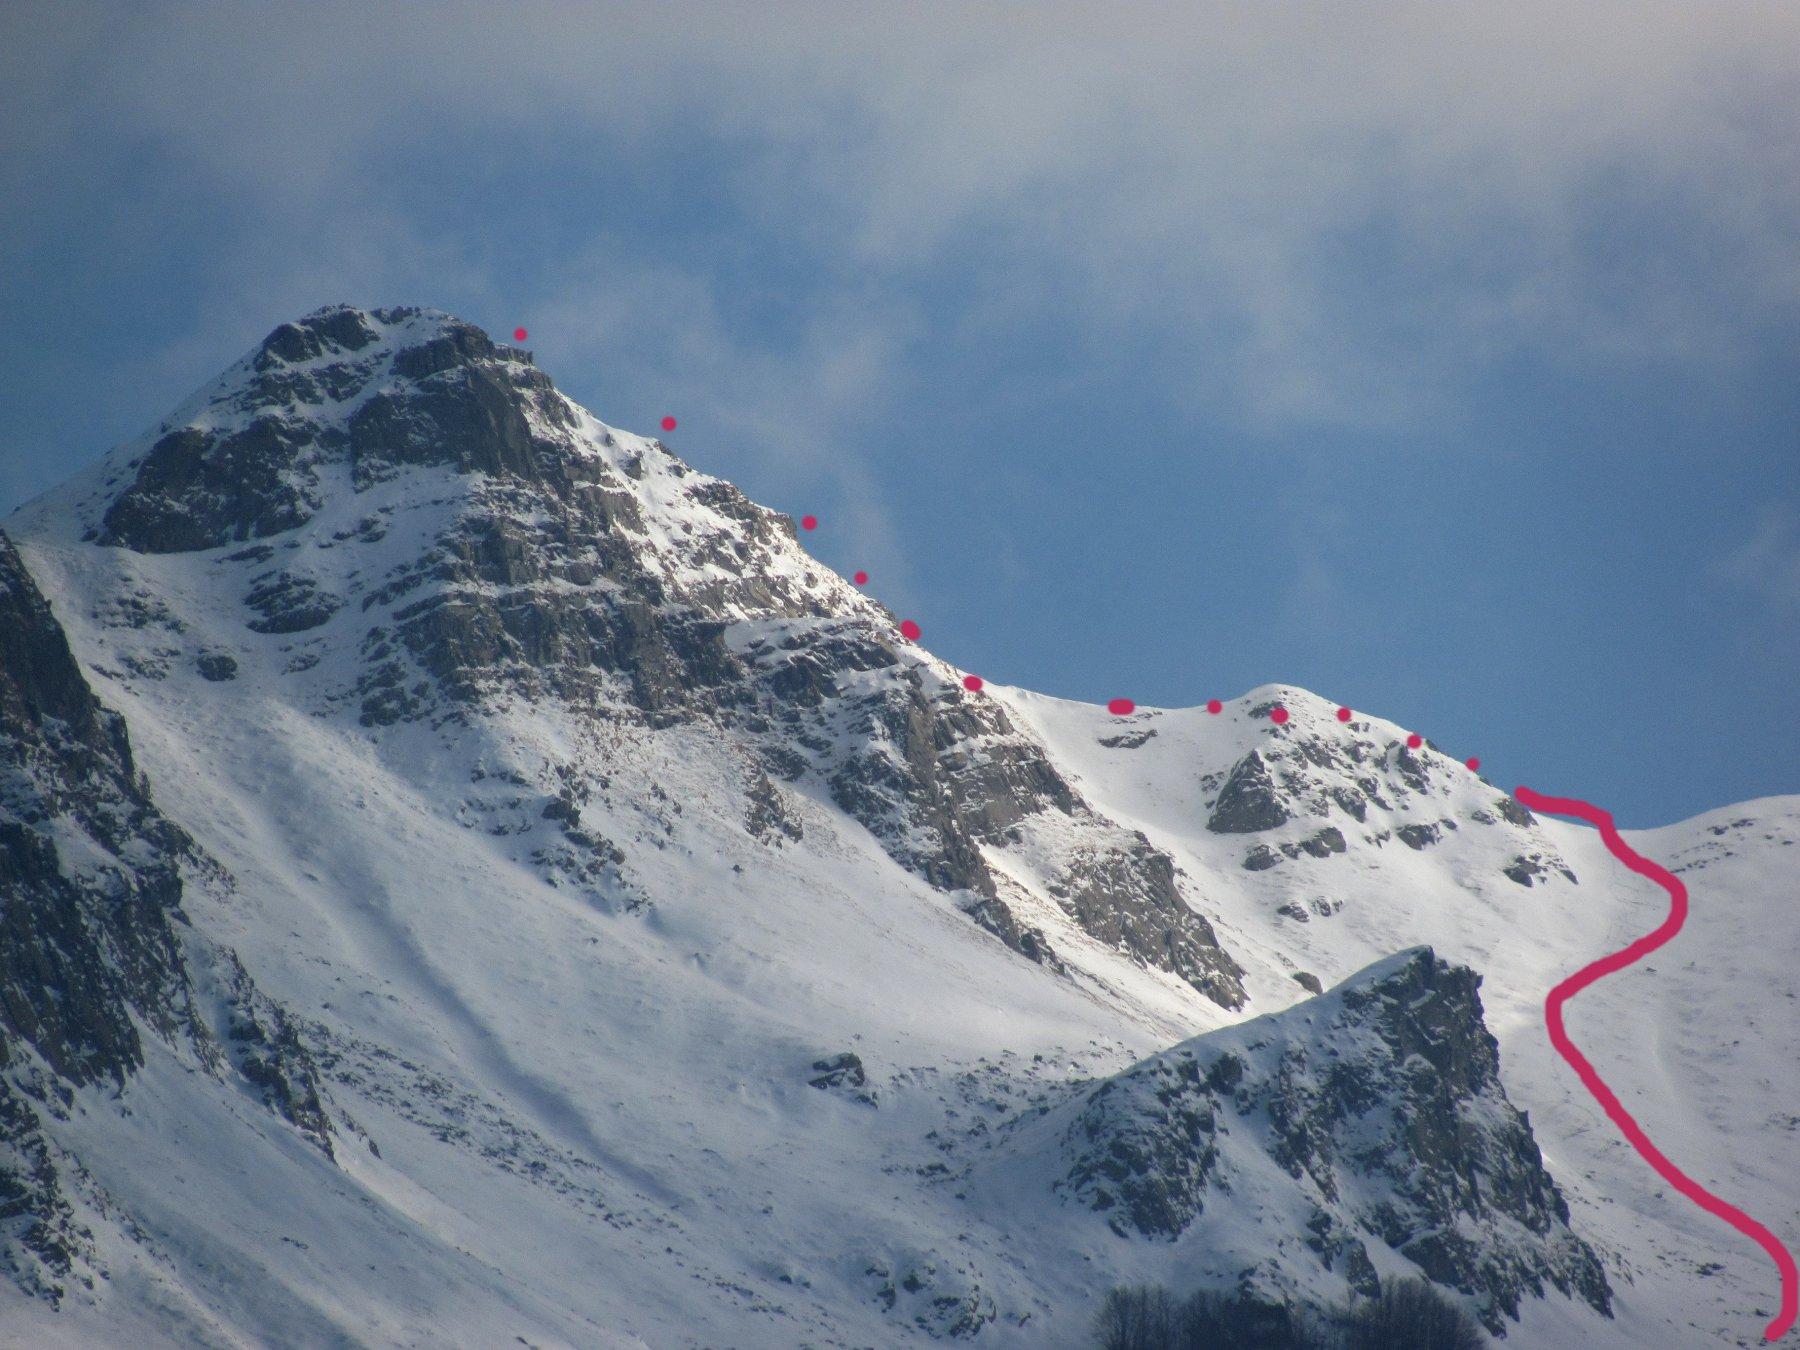 Vista del Monte La Nuda salendo al Passo del Cerreto, con indicazione parziale del percorso